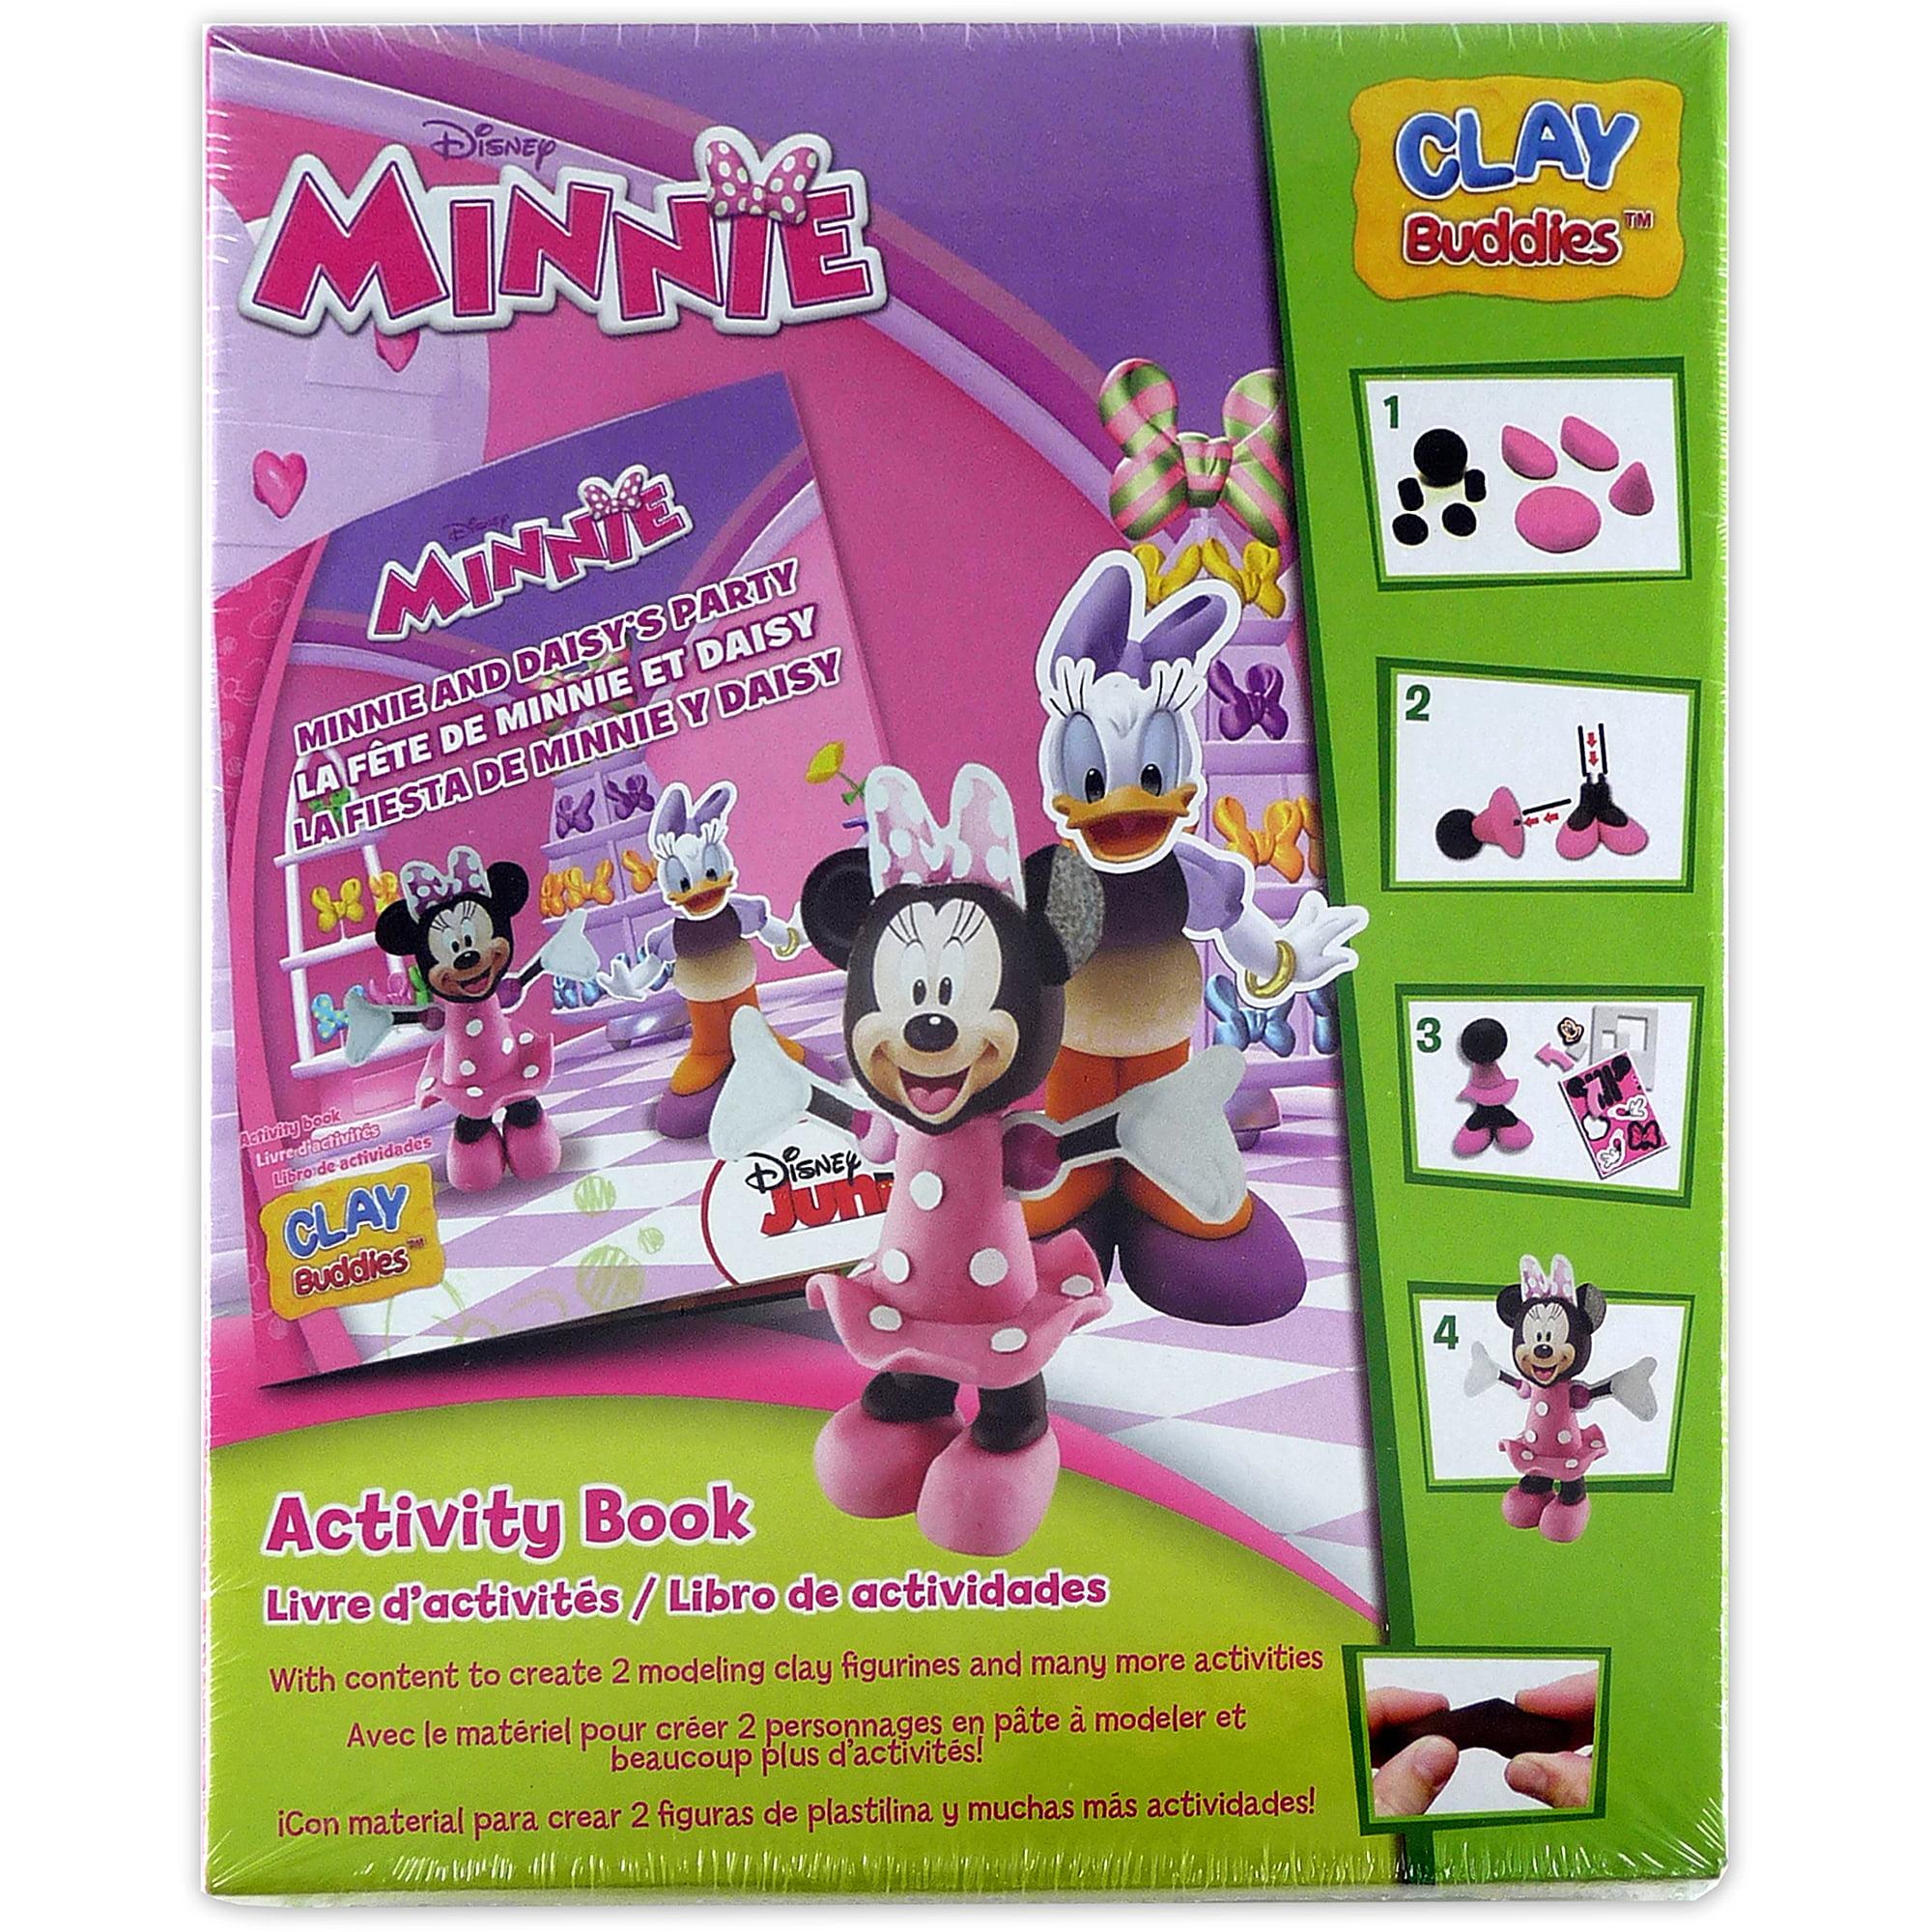 Minnie Clay Buddies Starter Pack